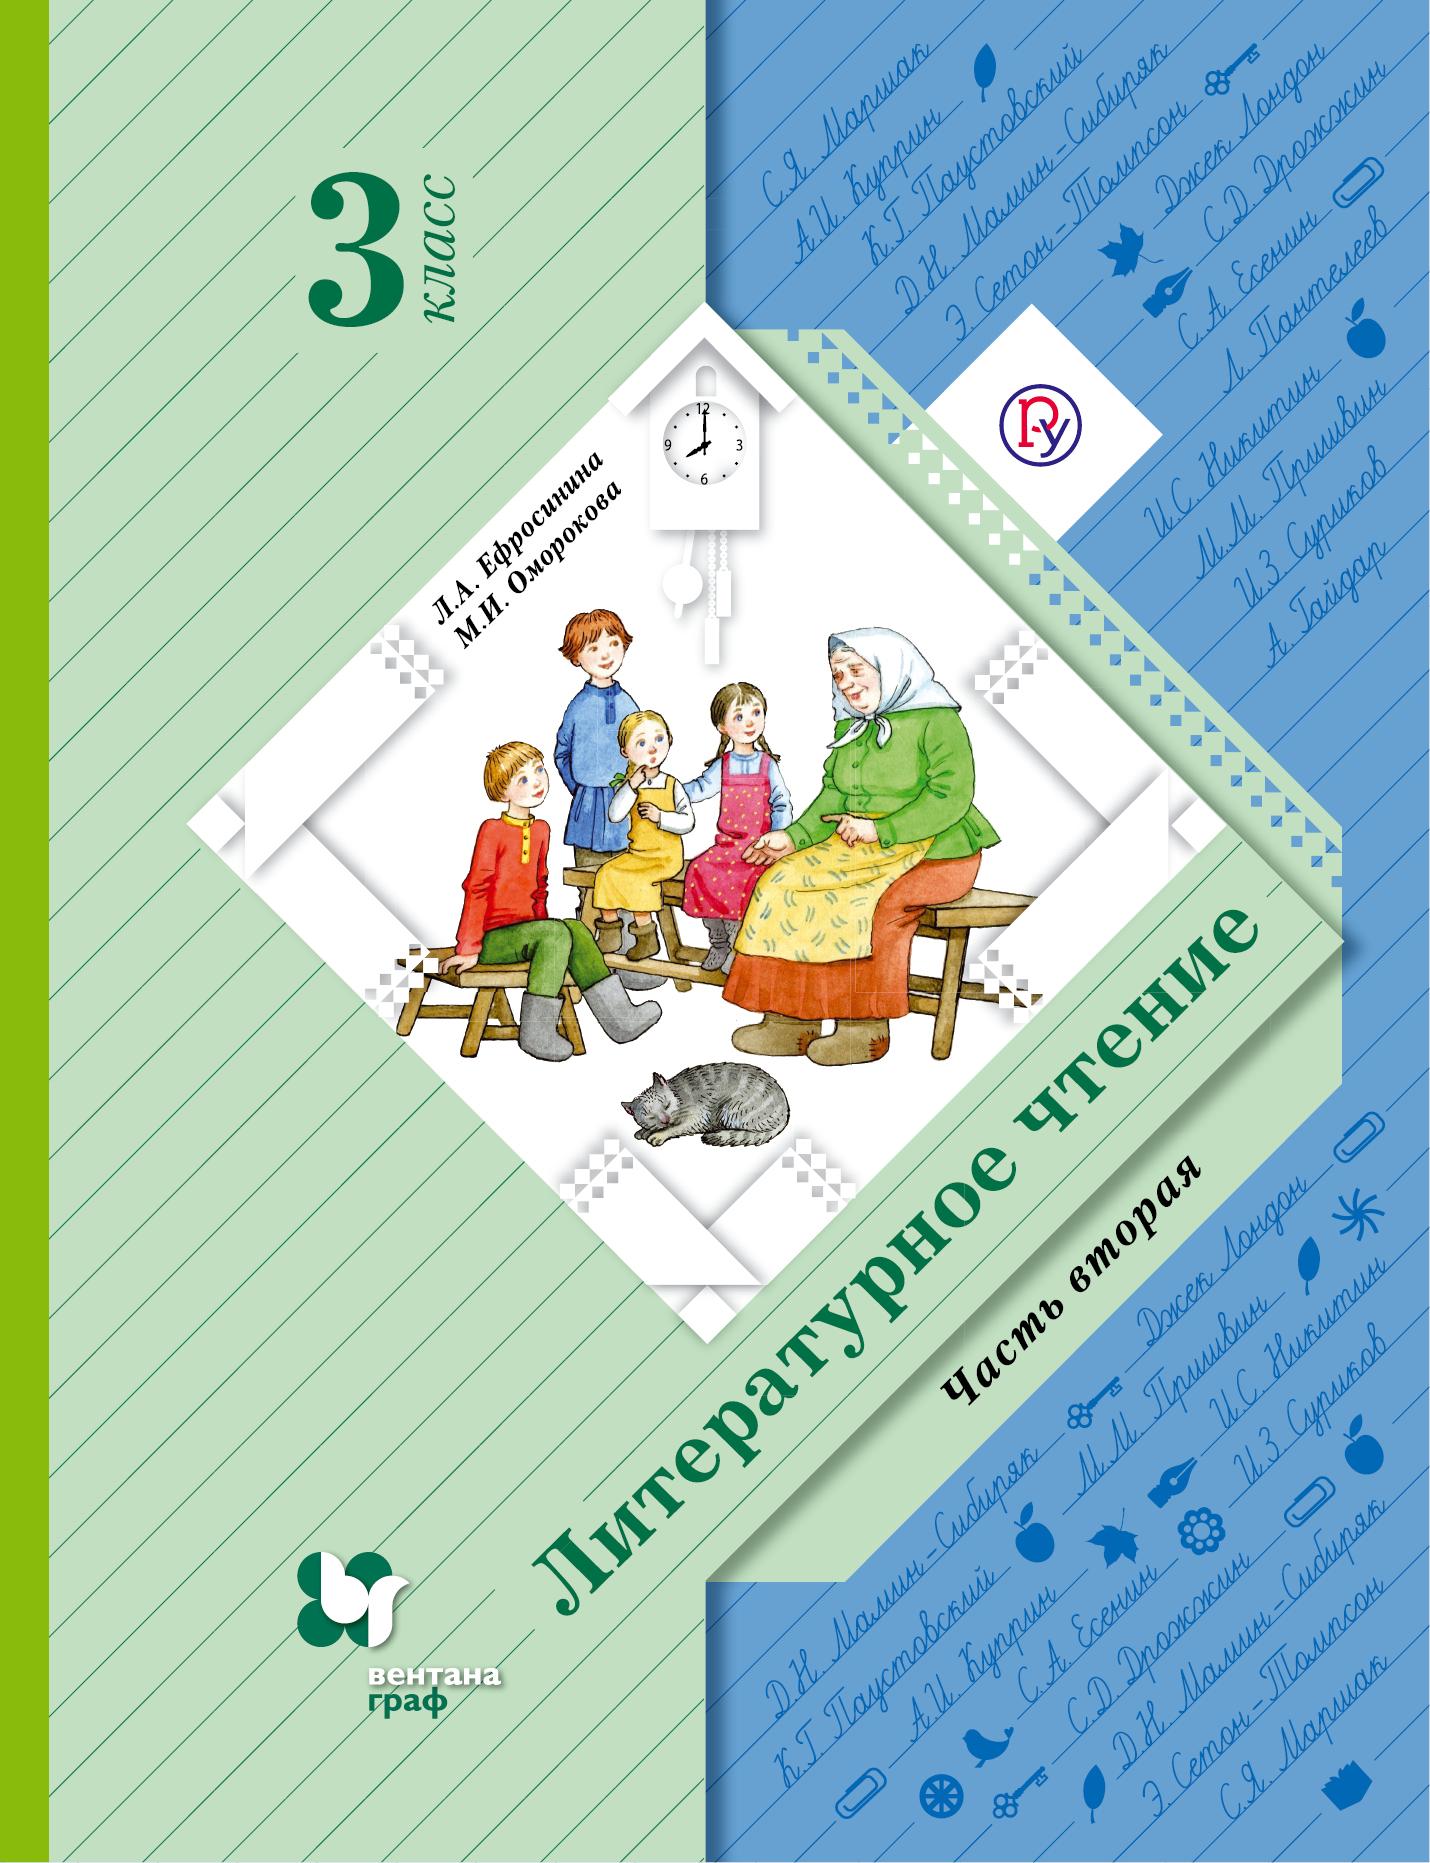 Л. А. Ефросинина Литературное чтение. 3 класс. Часть вторая л а ефросинина литературное чтение 3 класс часть вторая